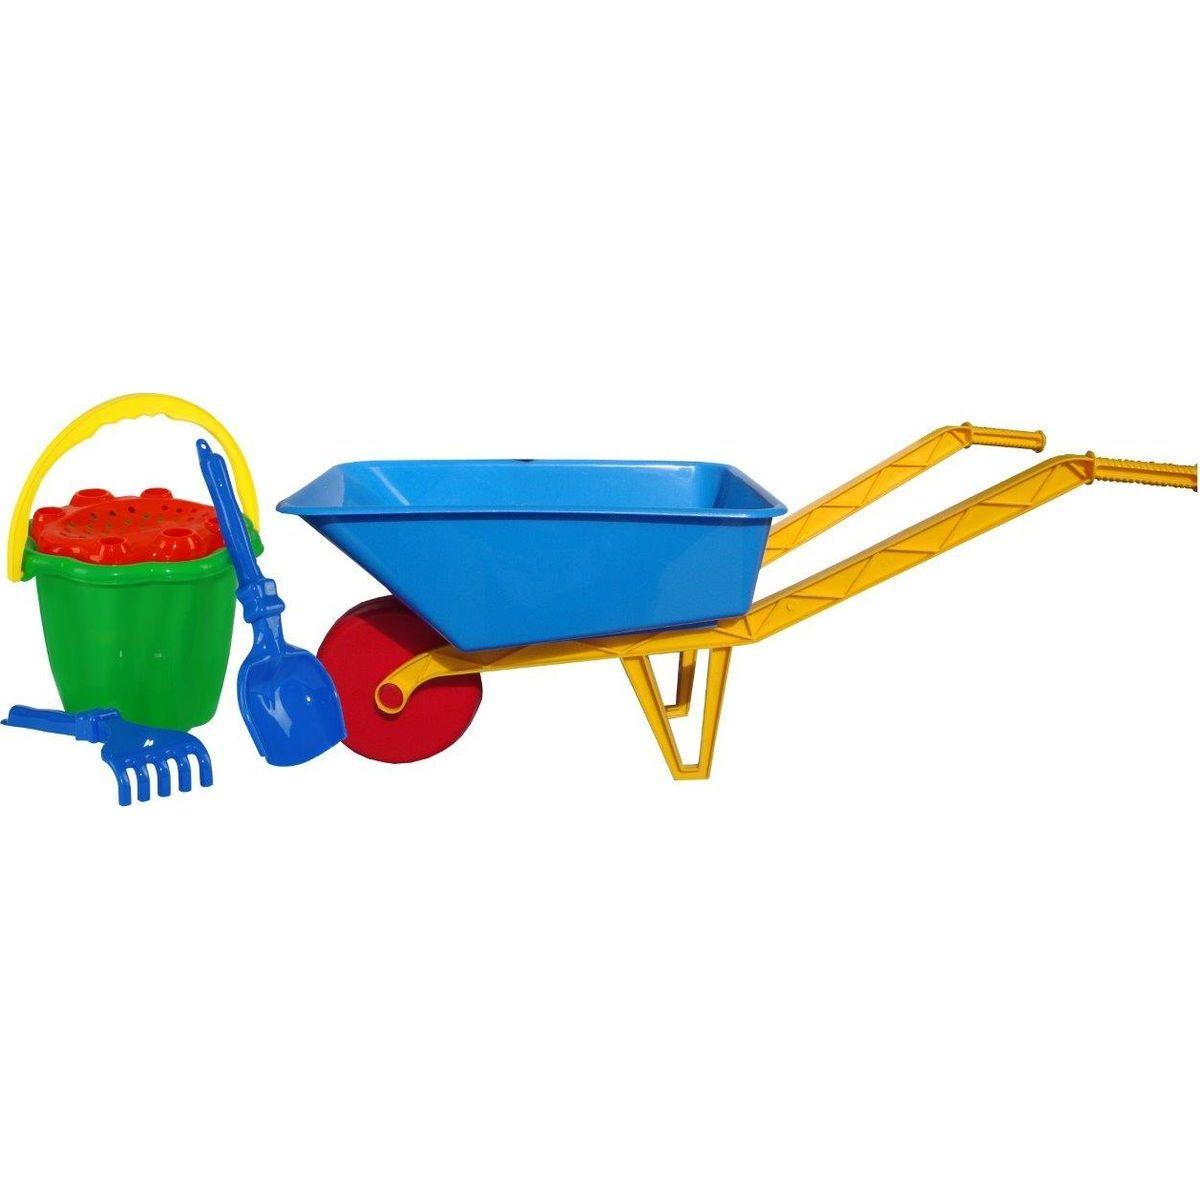 Toy Detský fúrik na piesok plastový veľký s príslušenstvom